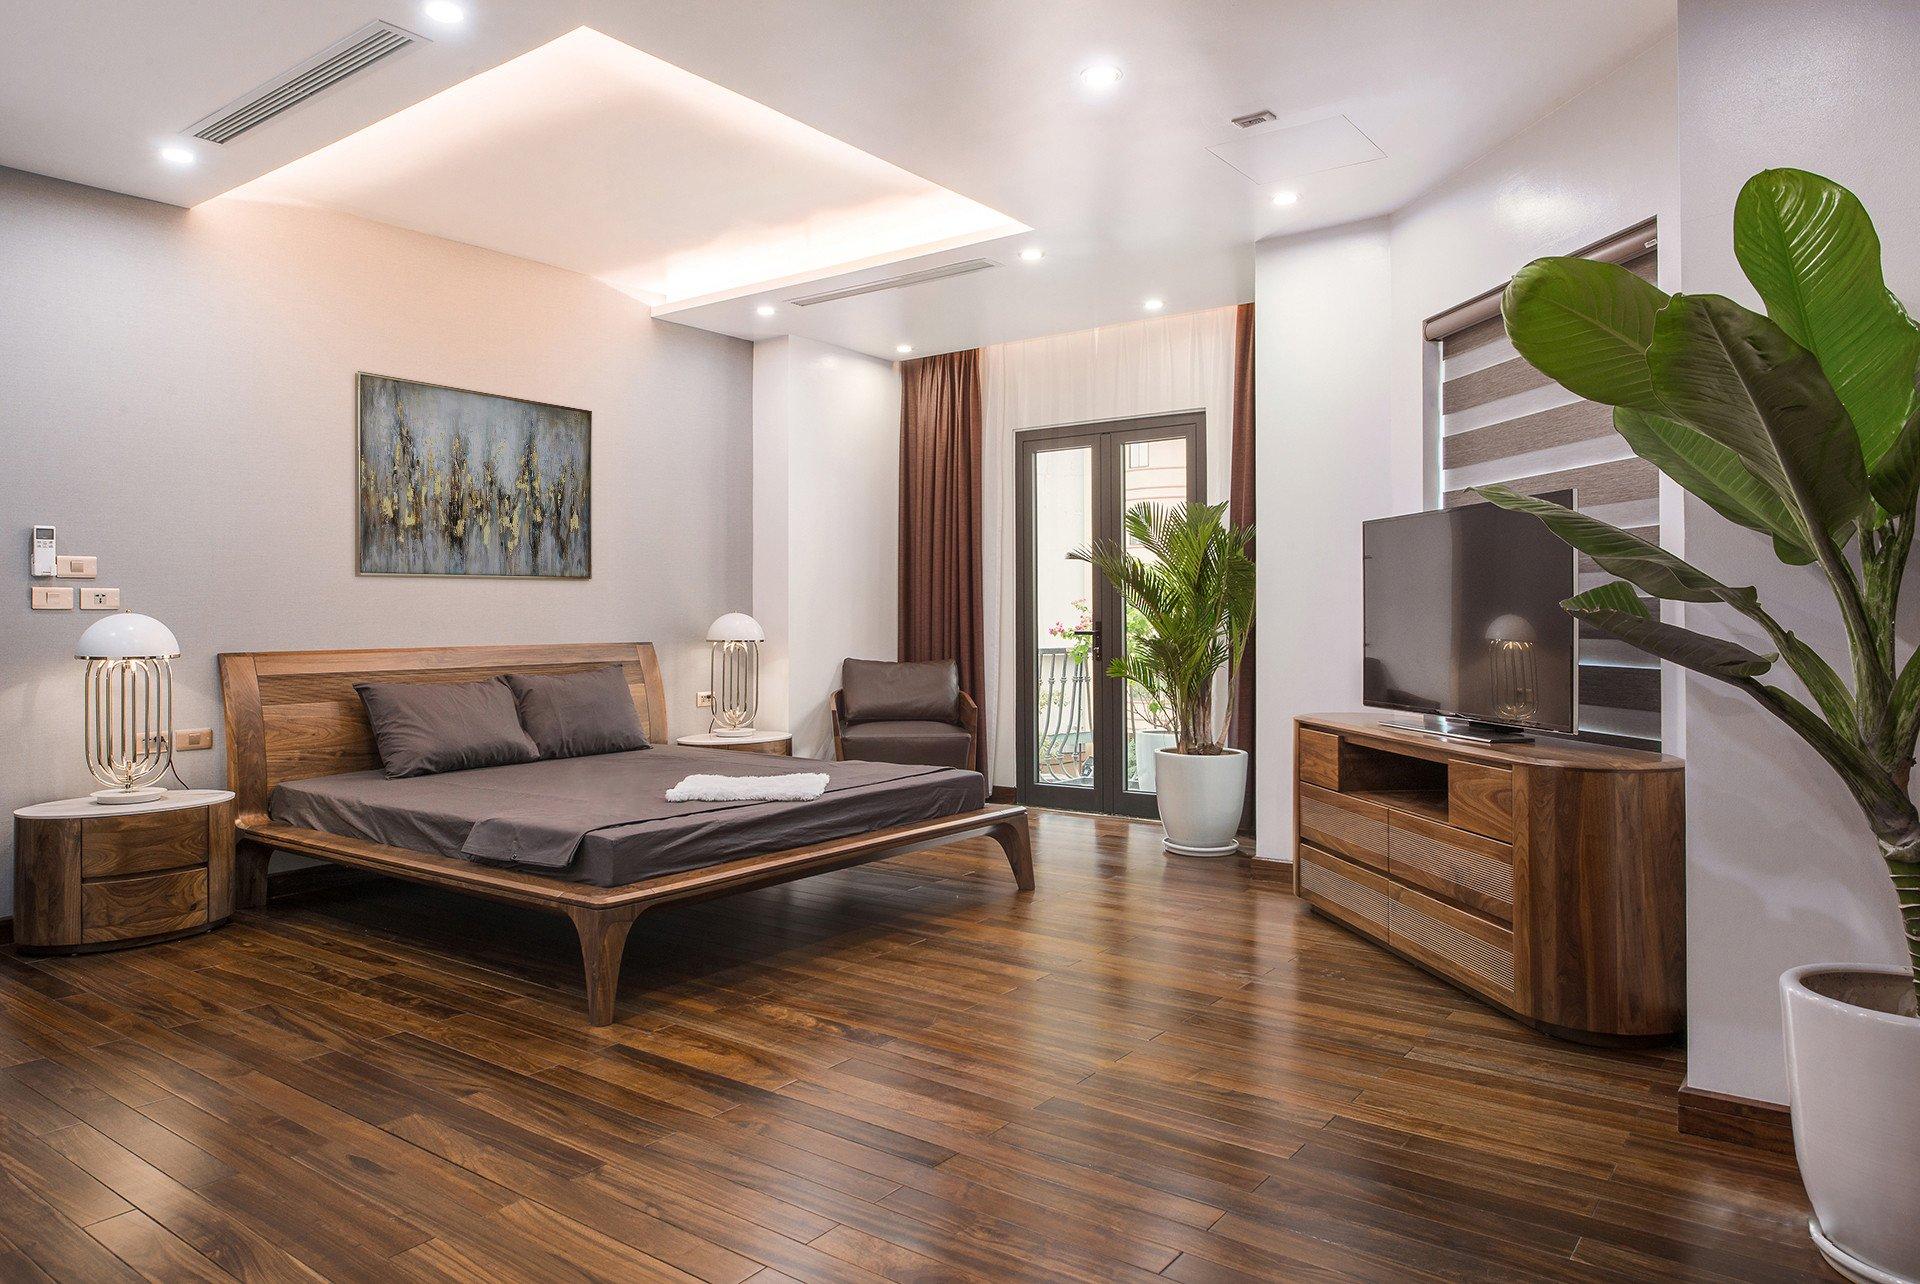 Thiết kế phòng ngủ rộng rãi, thoải mái